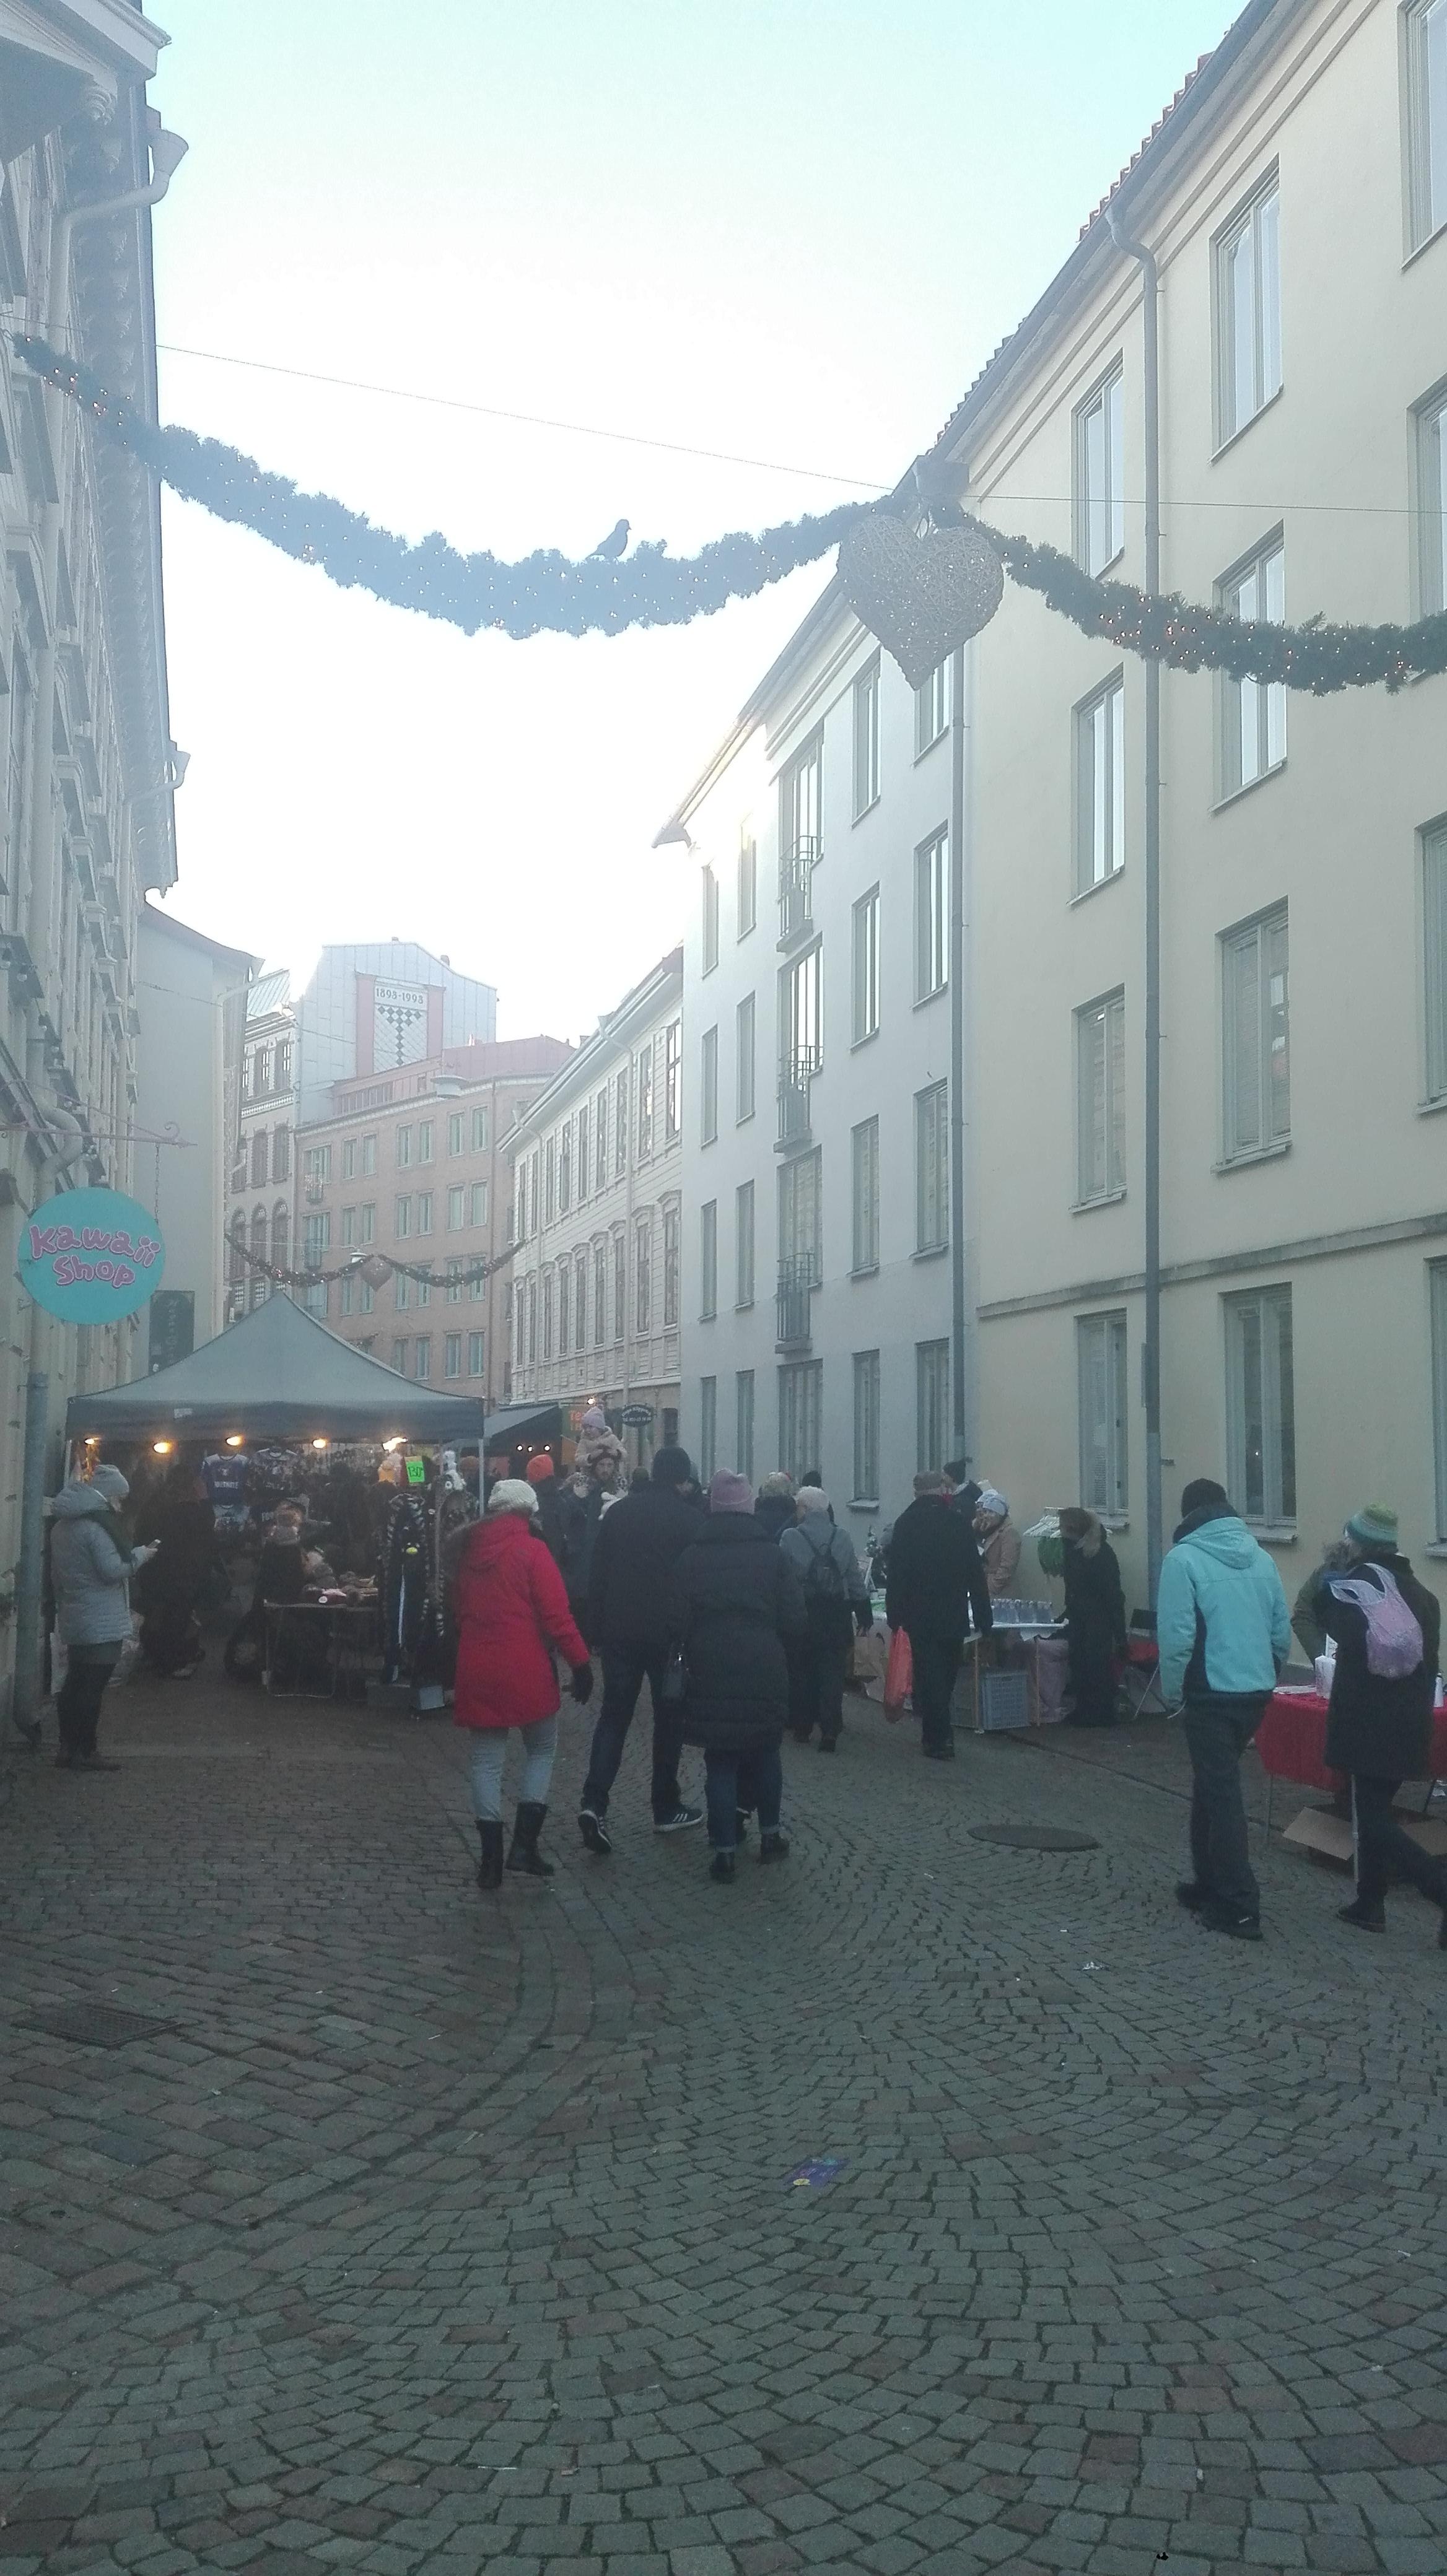 goteborg_3.jpg